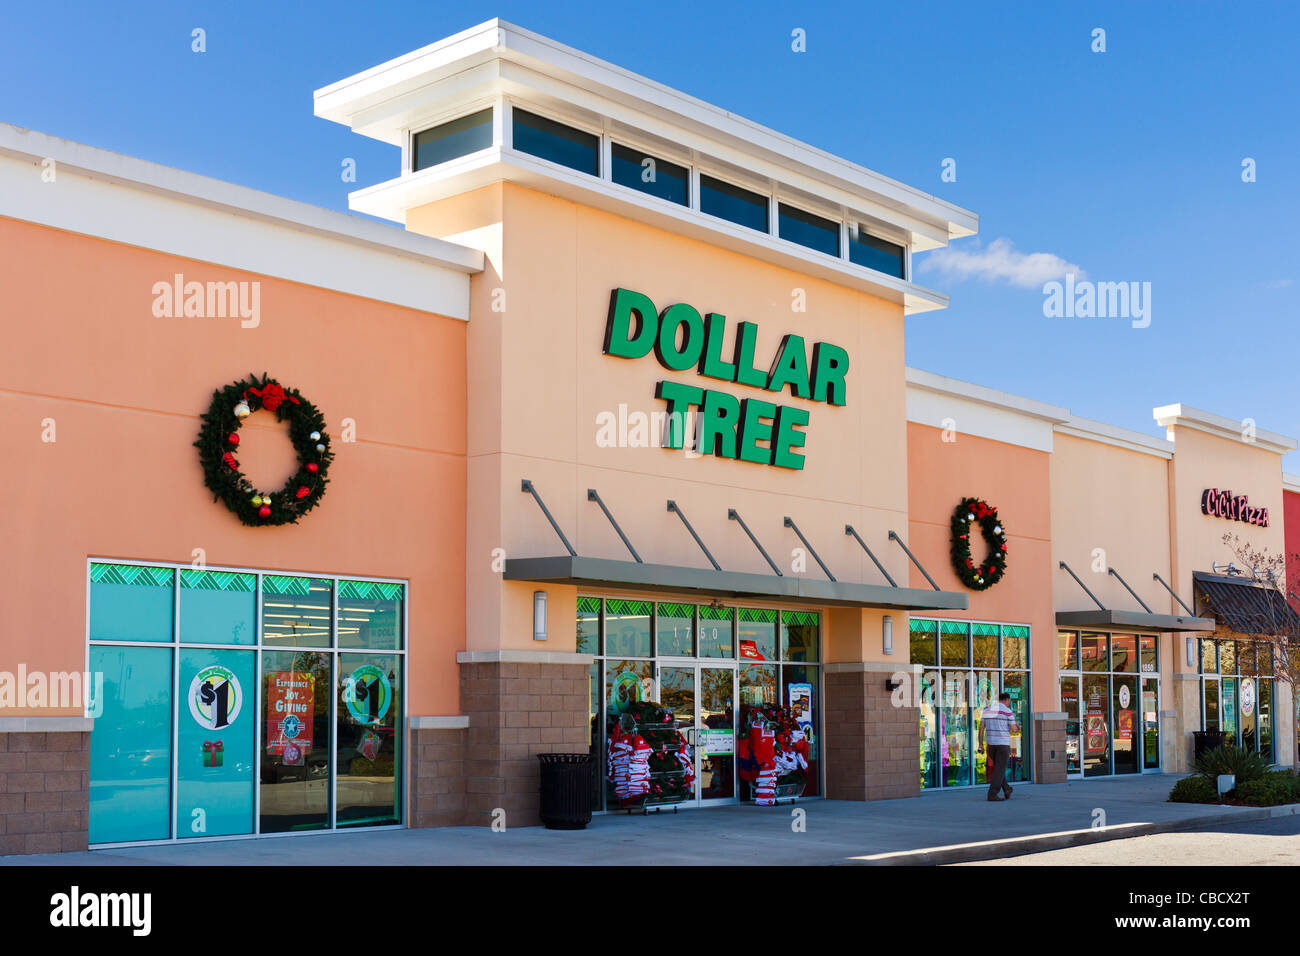 Dollar Tree discount store à Posner Park Le développement du commerce au détail, Davenport, Central Photo Stock